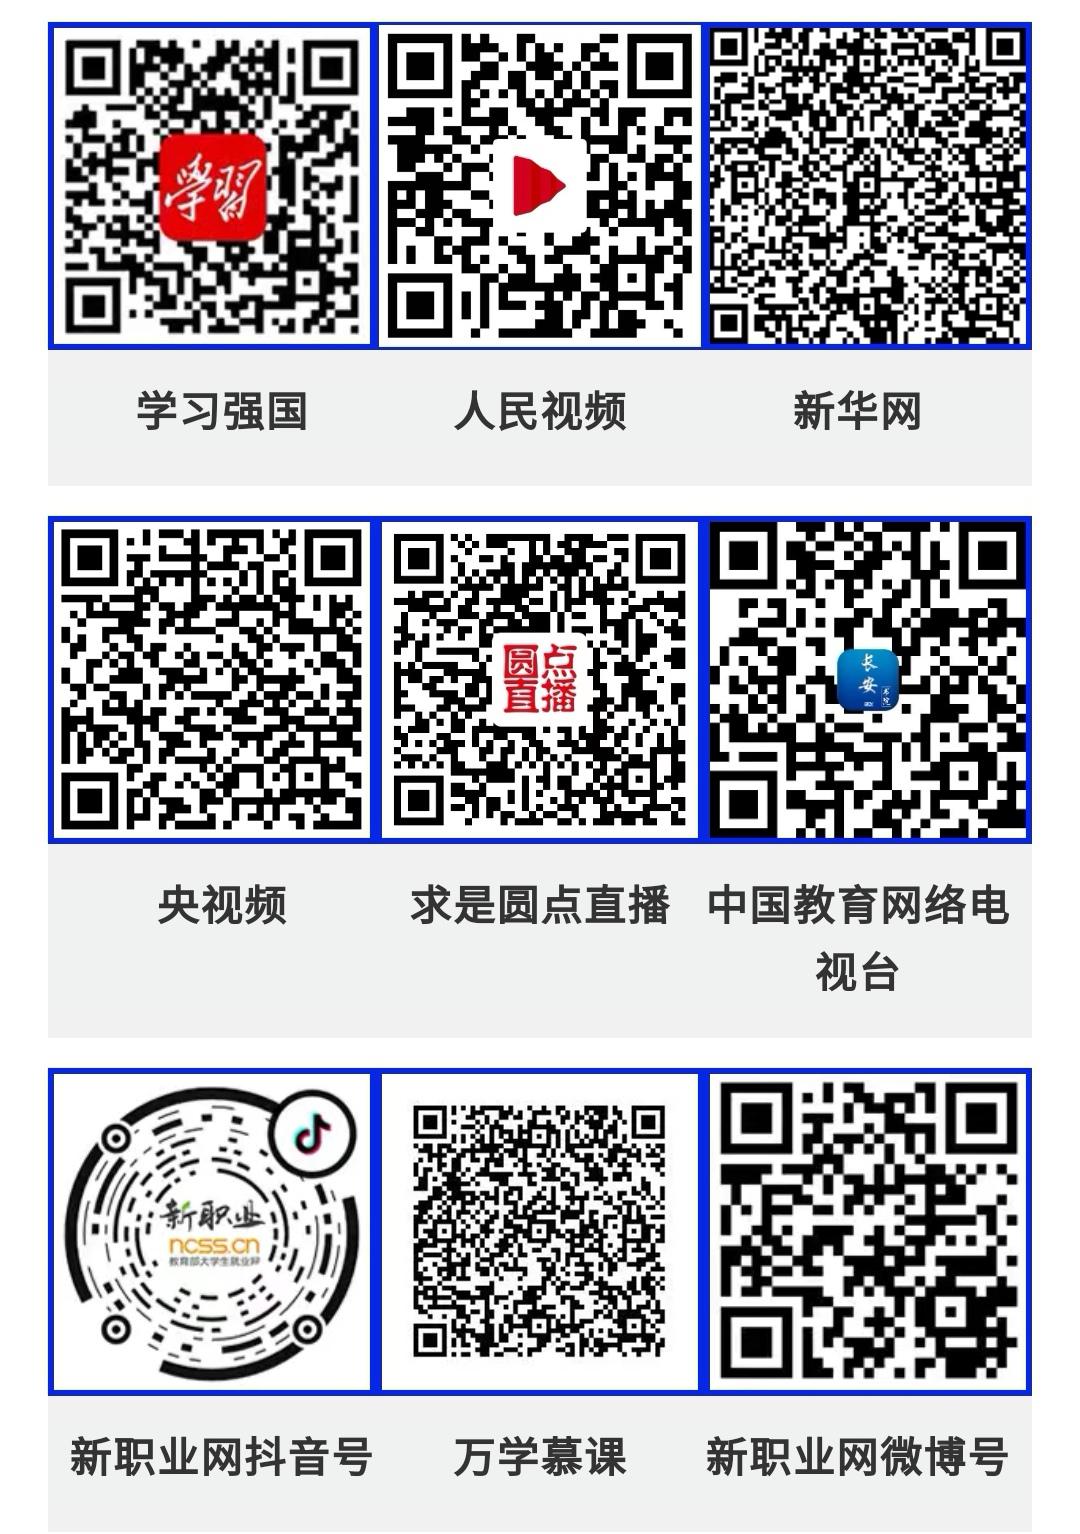 Screenshot_20210603_231056_com.tencent.mm_edit_49.jpg